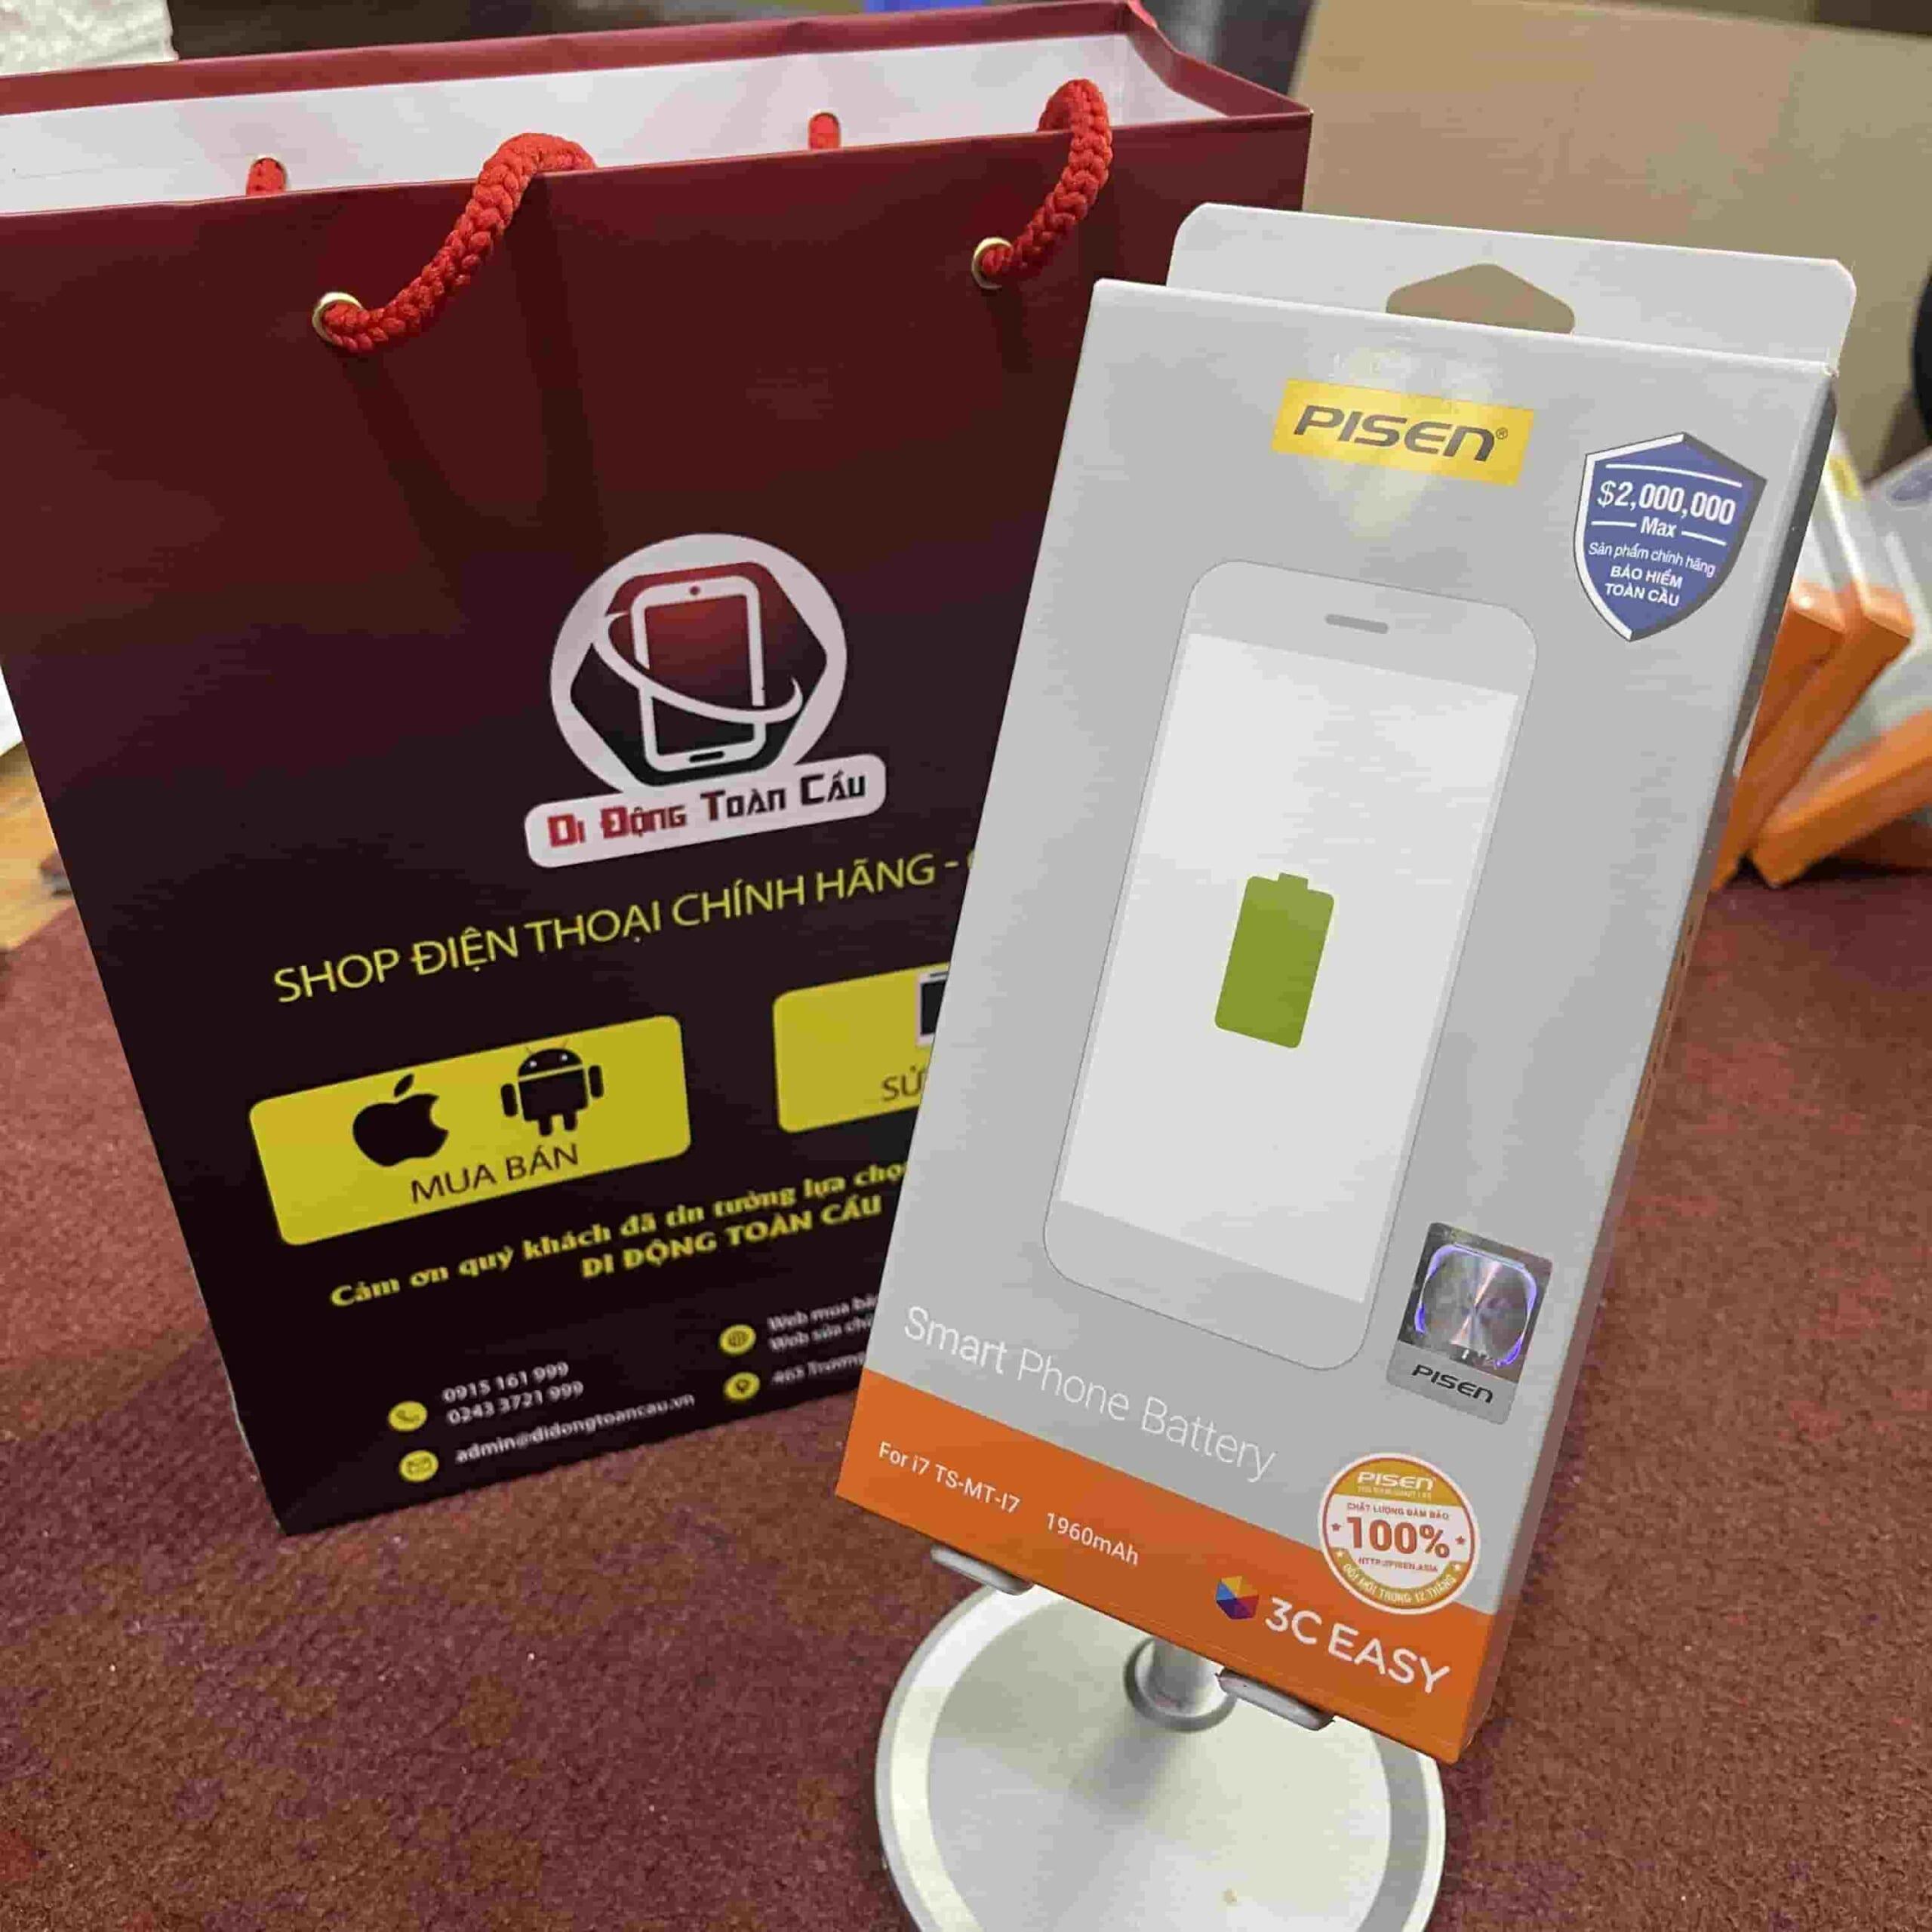 Thay pin Pisen iPhone 7 dung lượng chuẩn